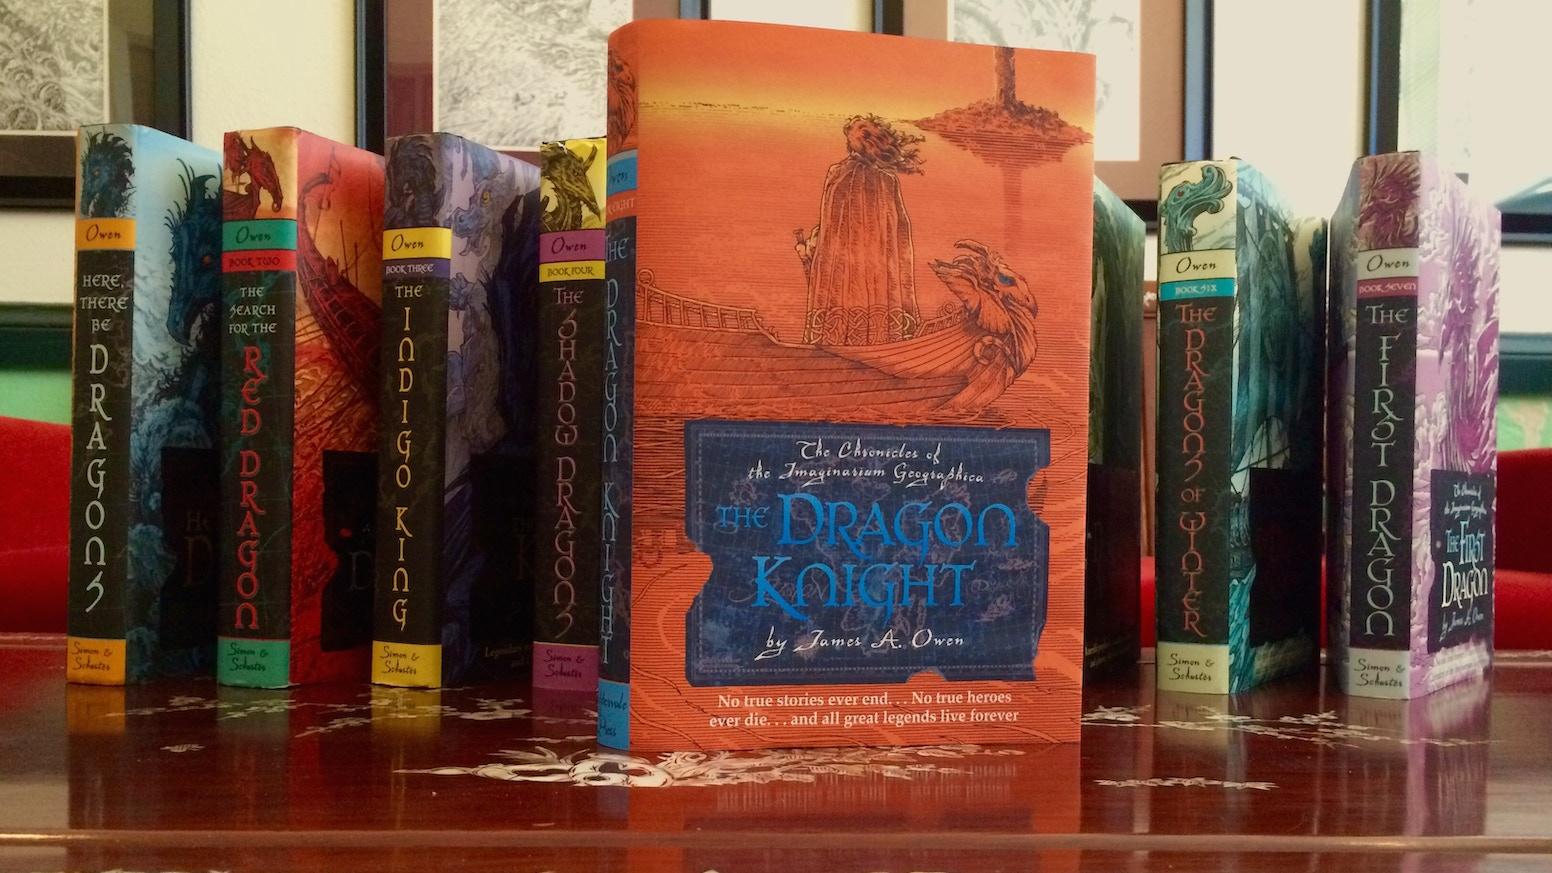 The Dragon Knight 8th Imaginarium Geographica Book